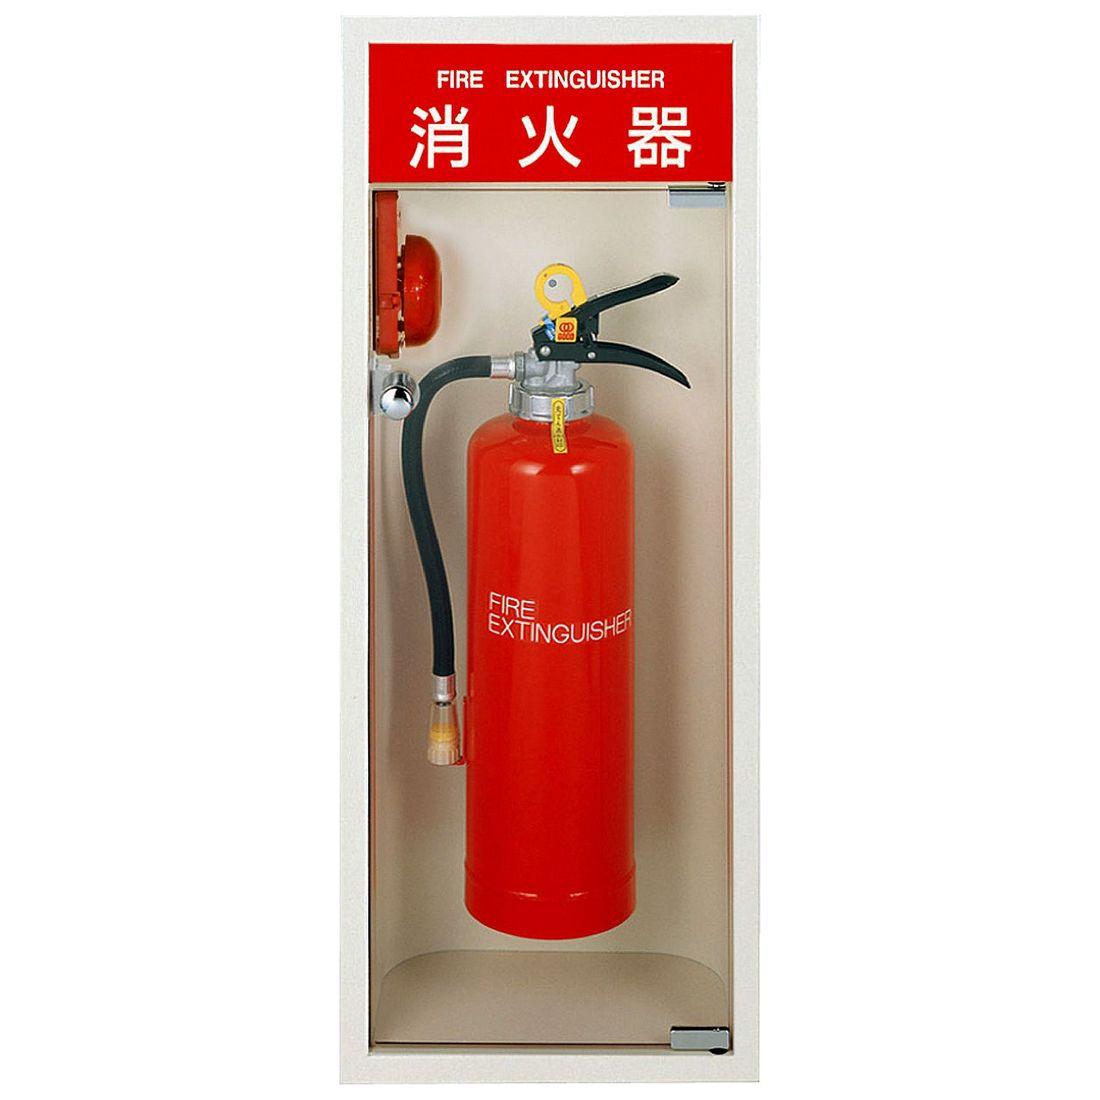 ダイケン 消火器ボックス 全埋込型 FBD-B型 FBD2-B